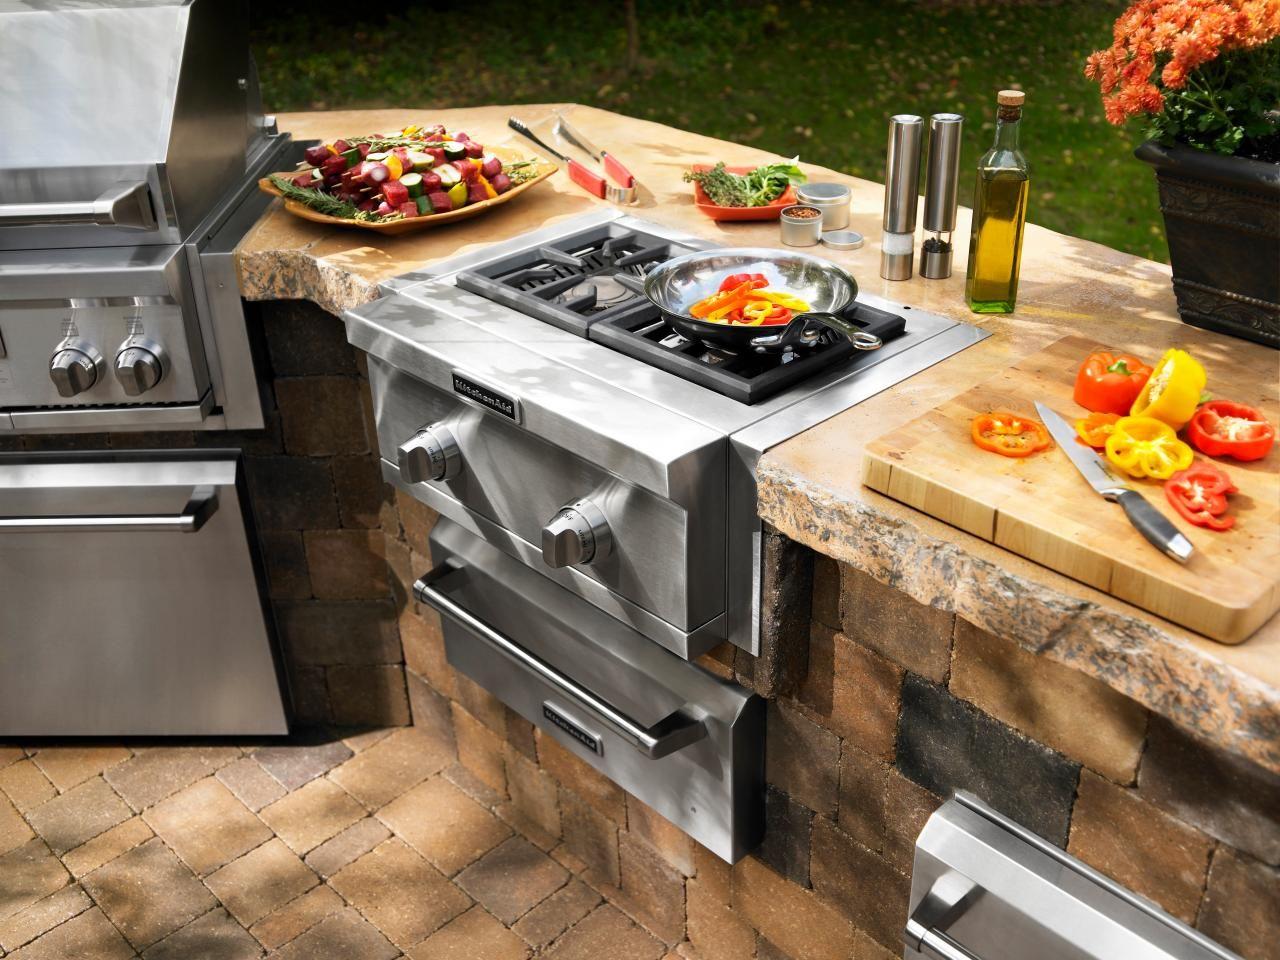 Outdoor Küchengeräte : Top outdoor küchengeräte trends küche